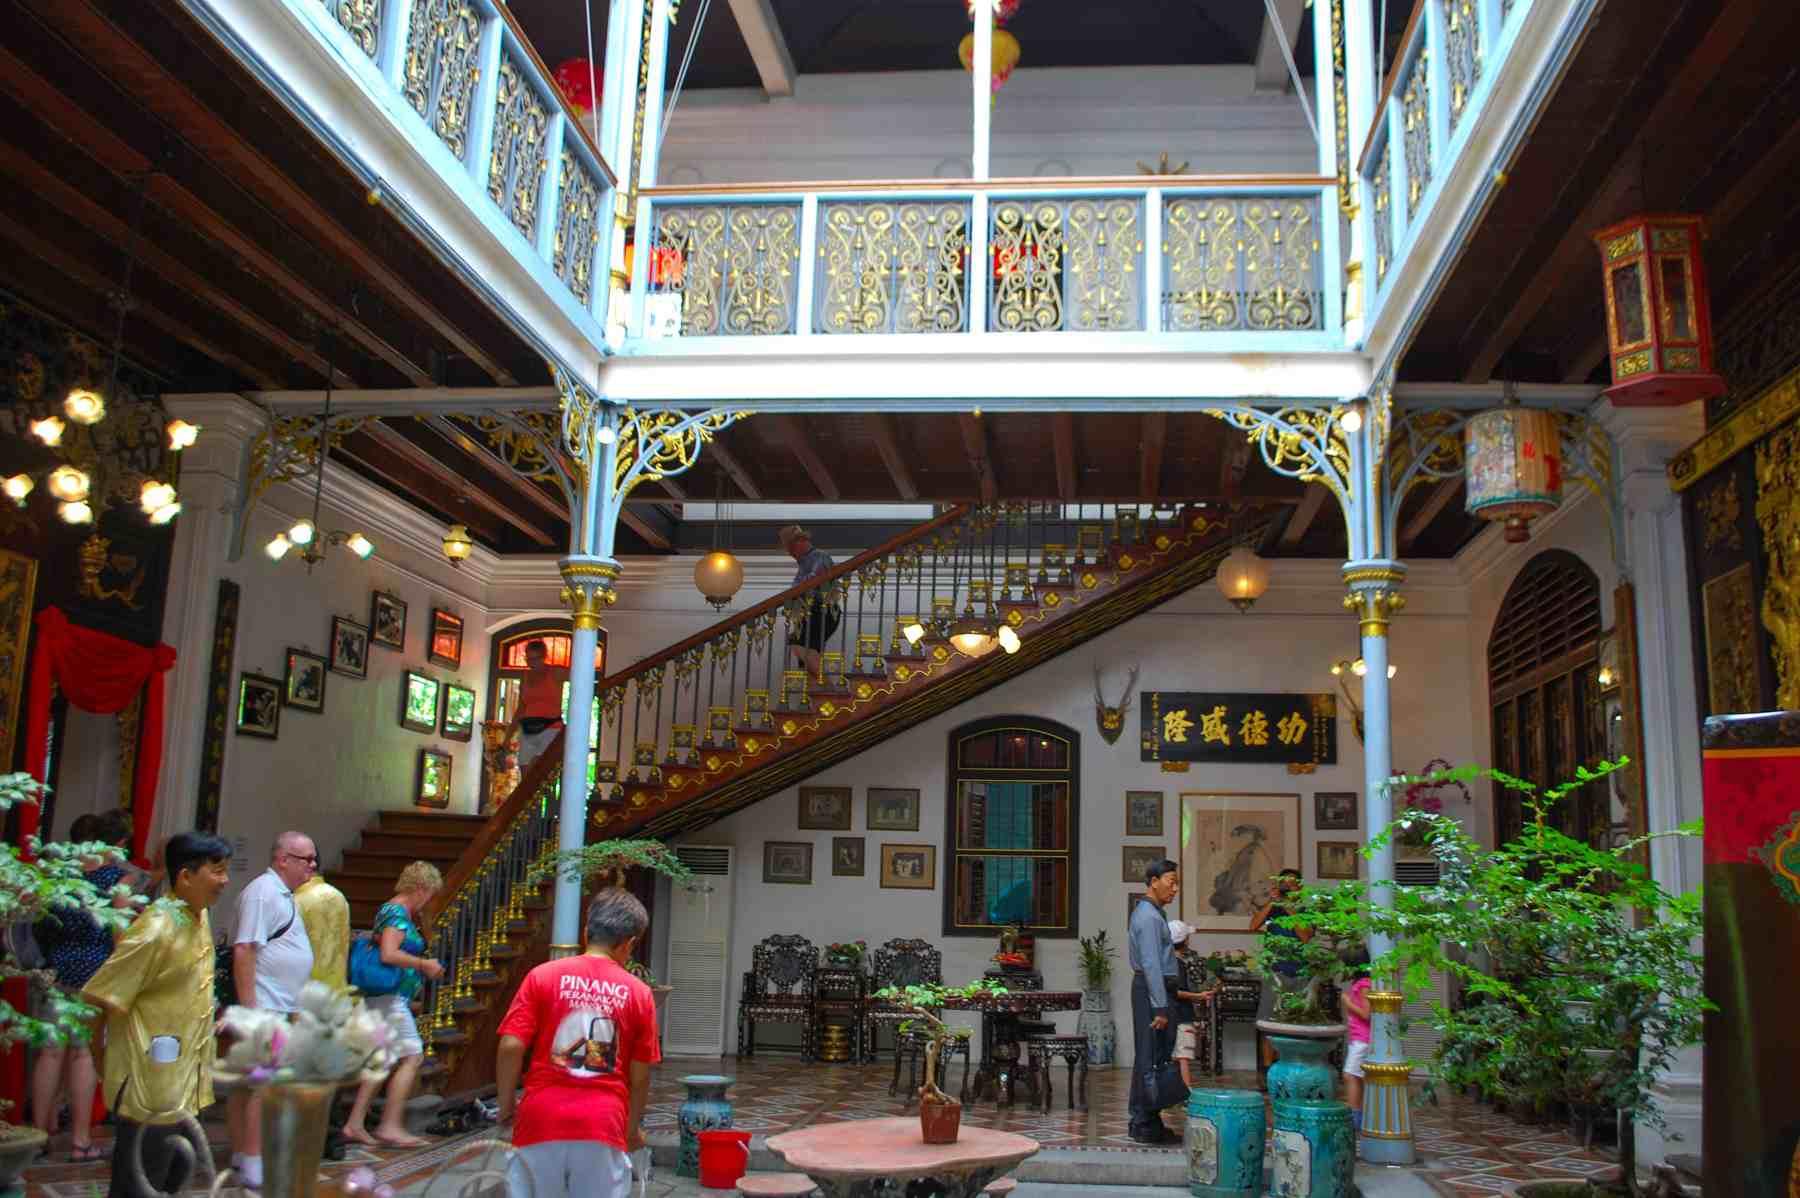 The Courtyard of the Peranakan Mansion, Penang, Malaysia.